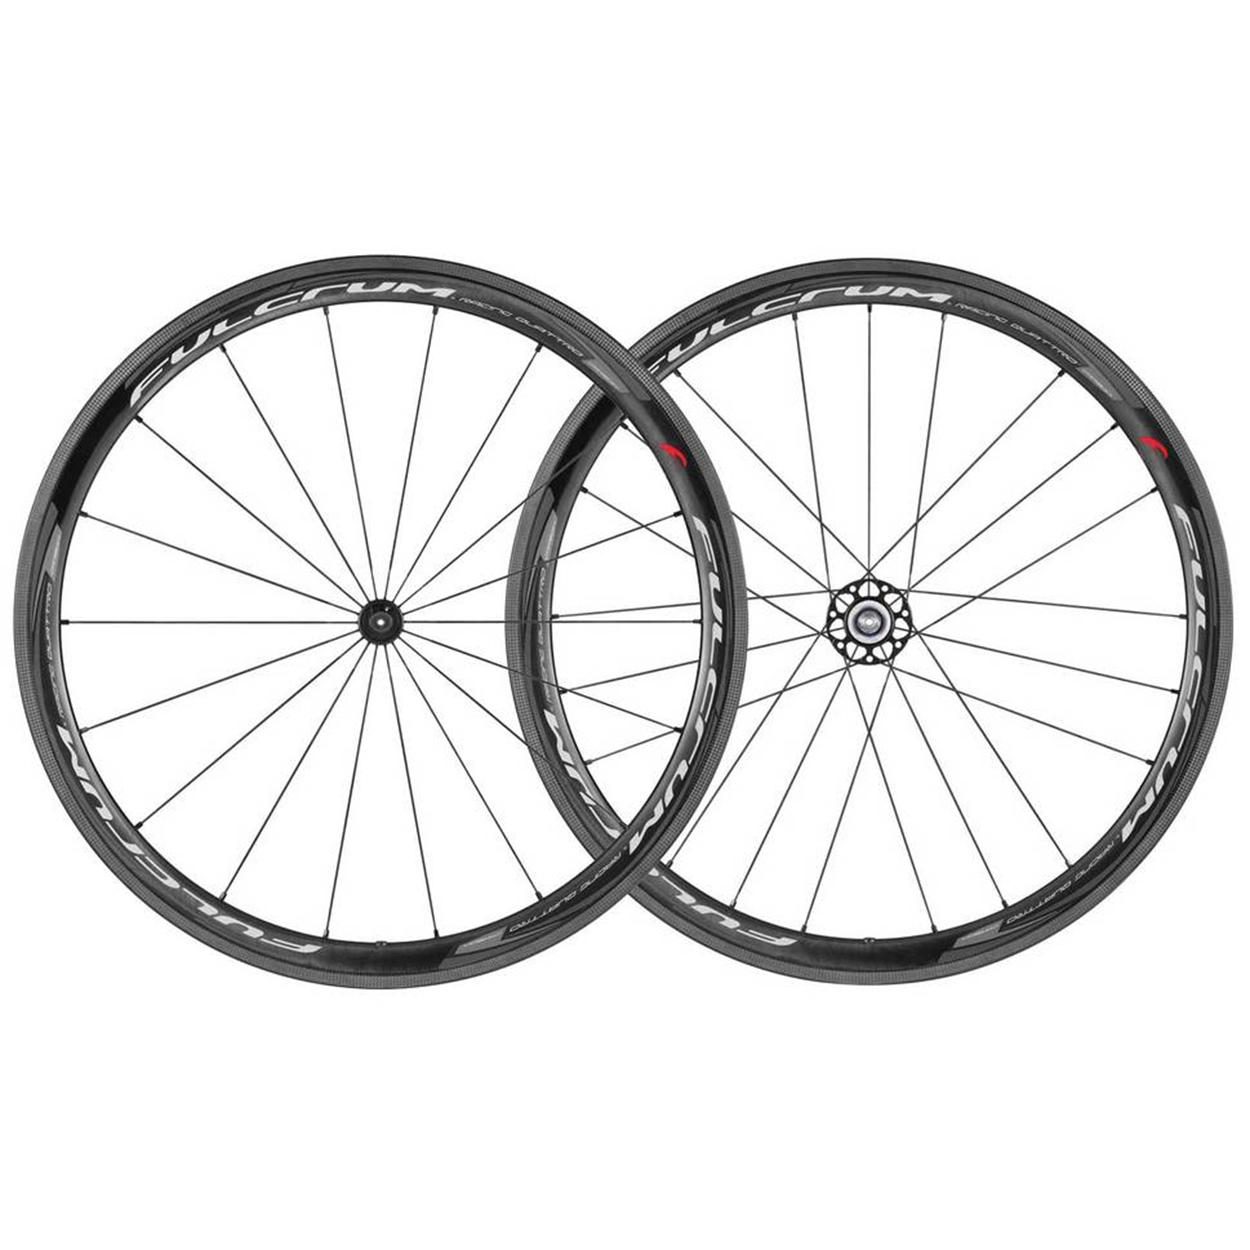 Fulcrum Racing Quattro Carbon Disc Road Wheelset